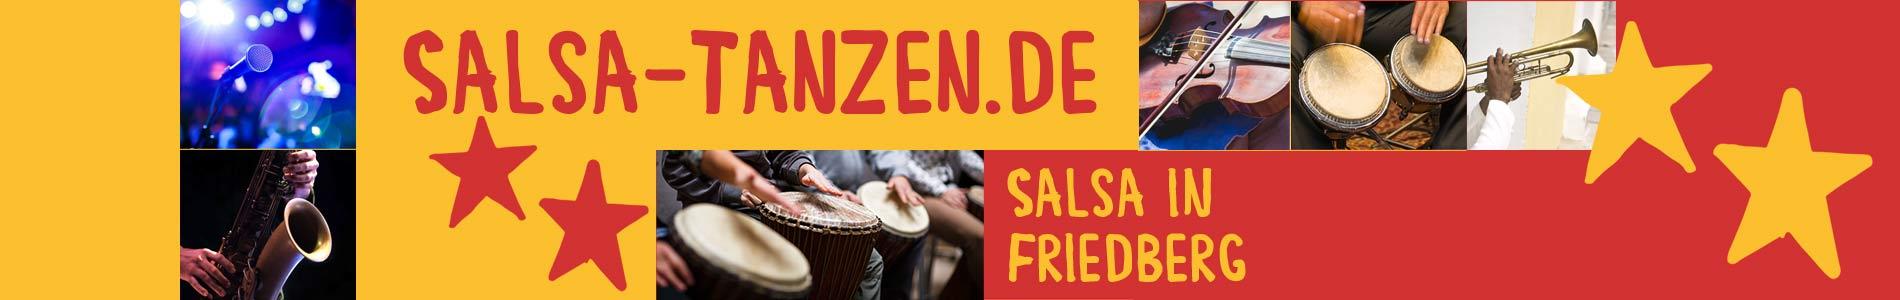 Salsa in Friedberg – Salsa lernen und tanzen, Tanzkurse, Partys, Veranstaltungen